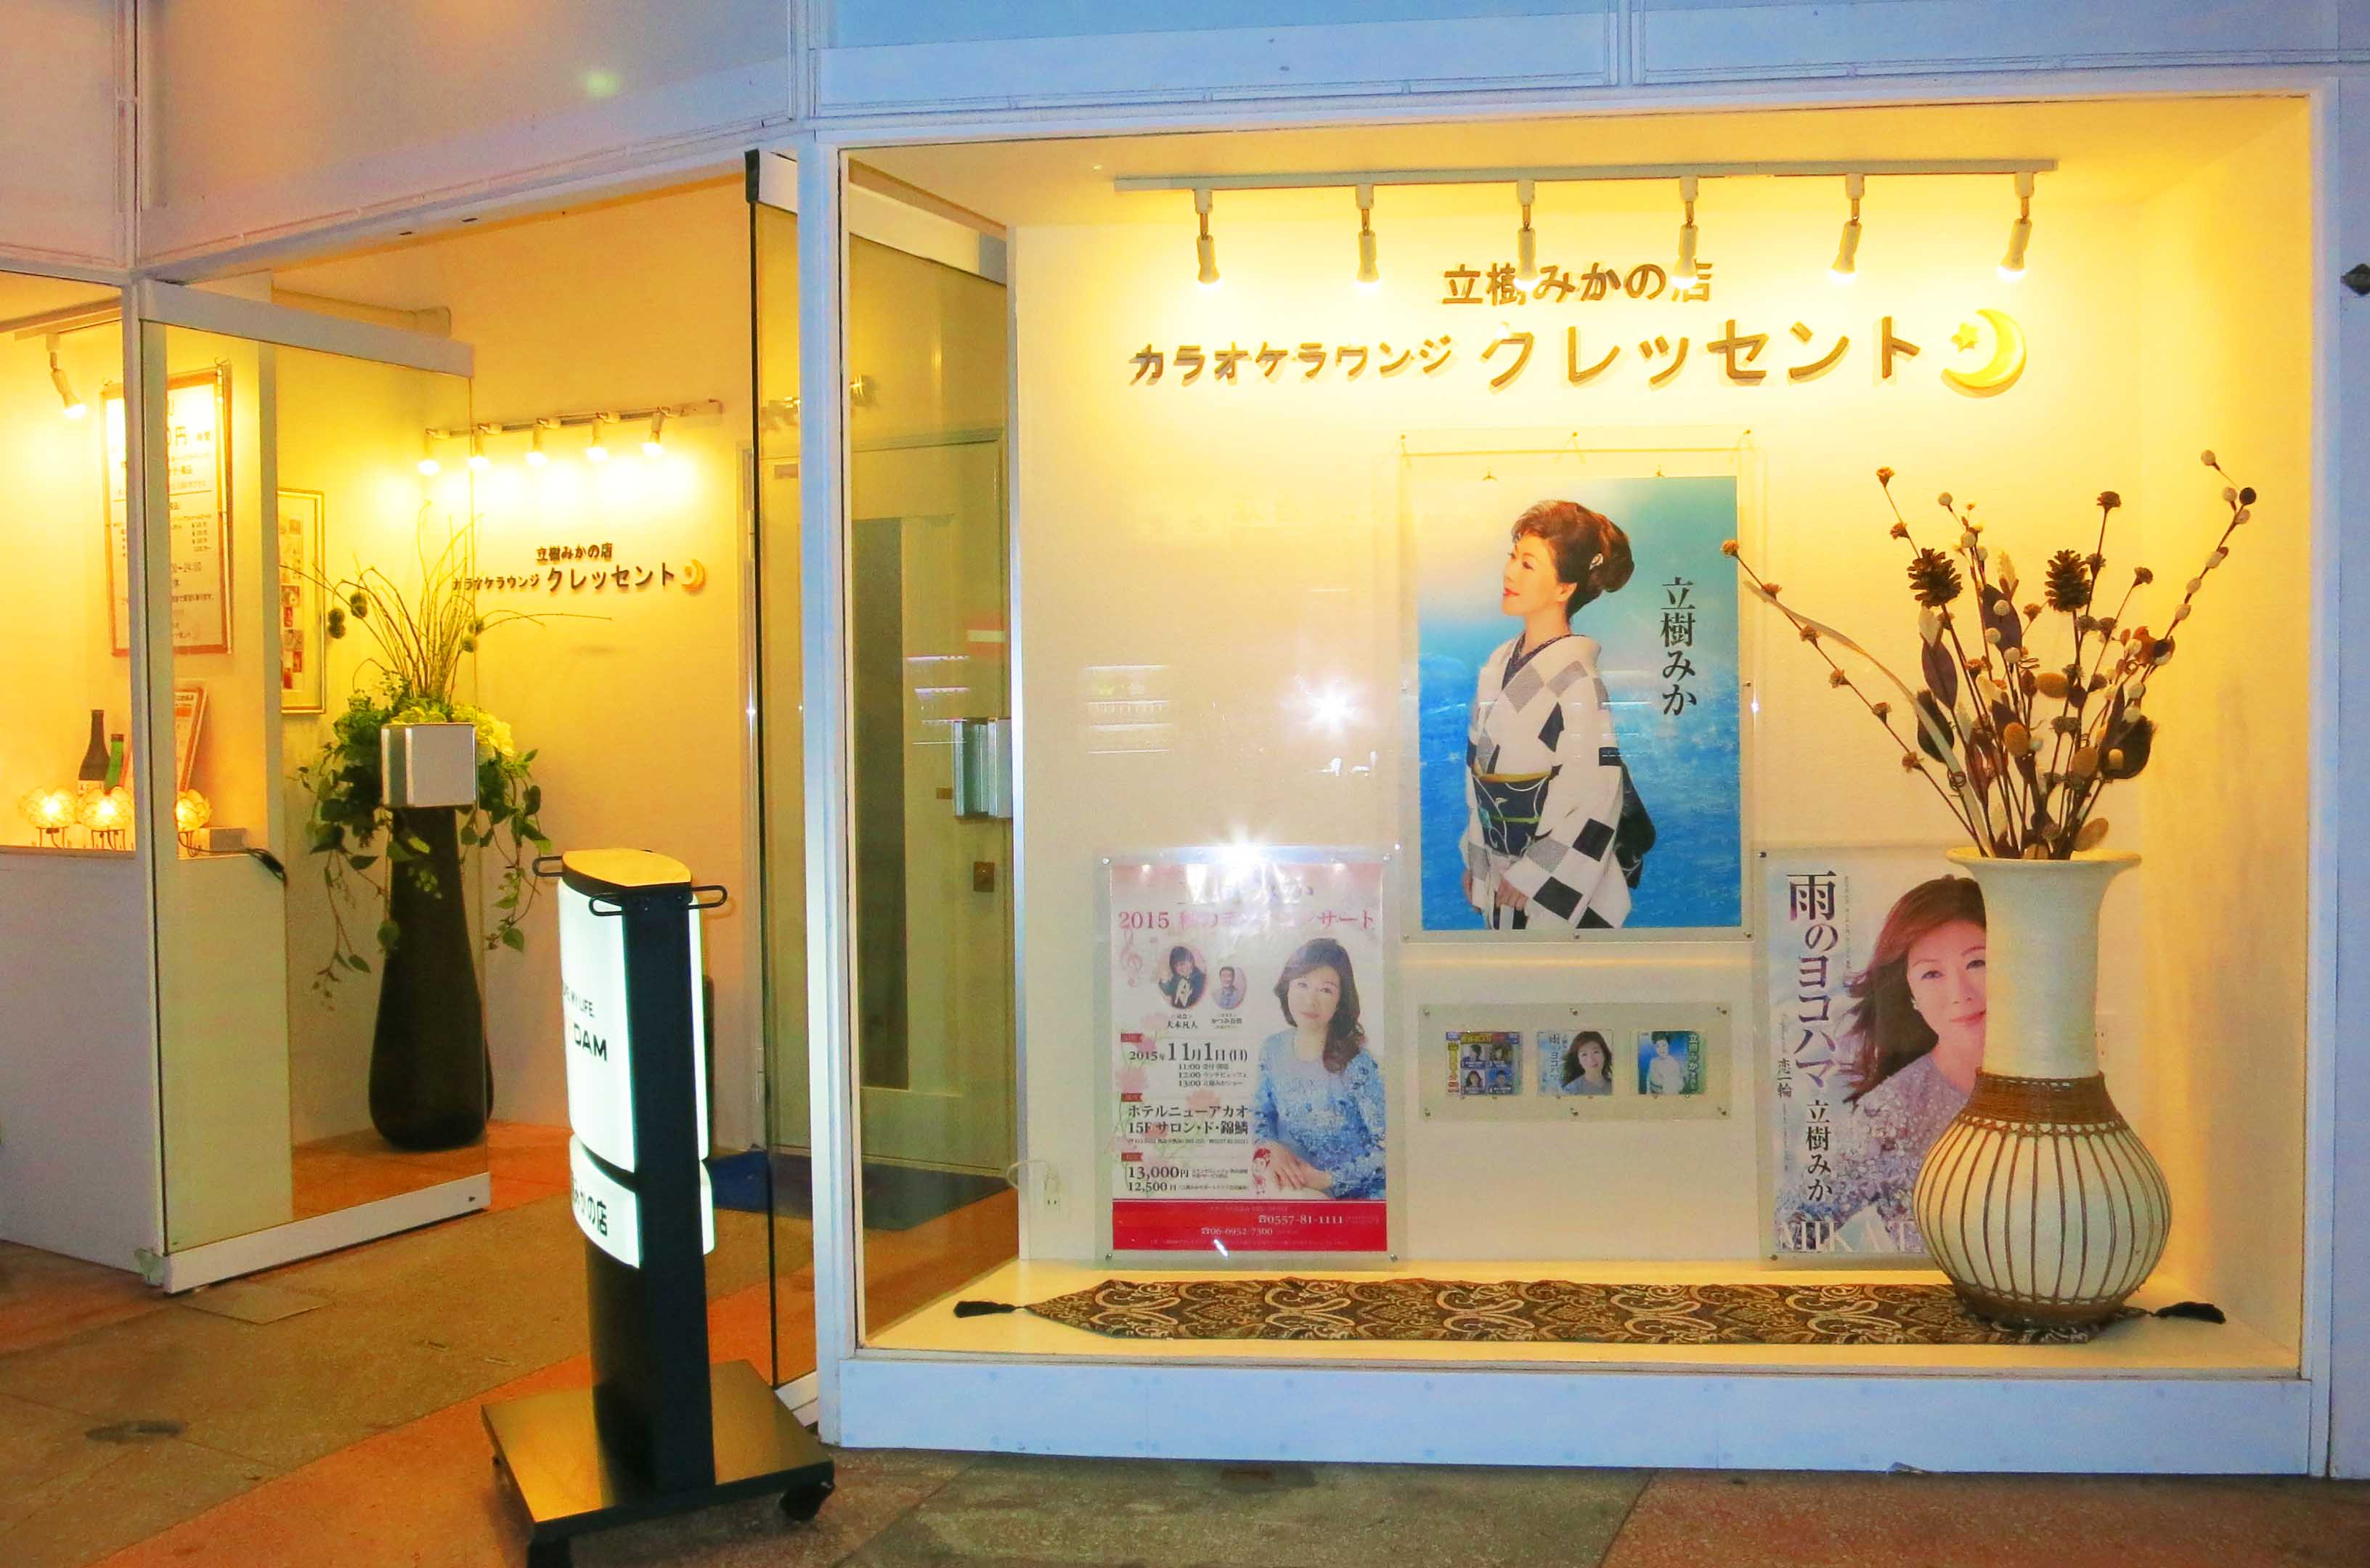 立樹みかの店・カラオケラウンジ・クレッセント来店!_b0083801_2253124.jpg